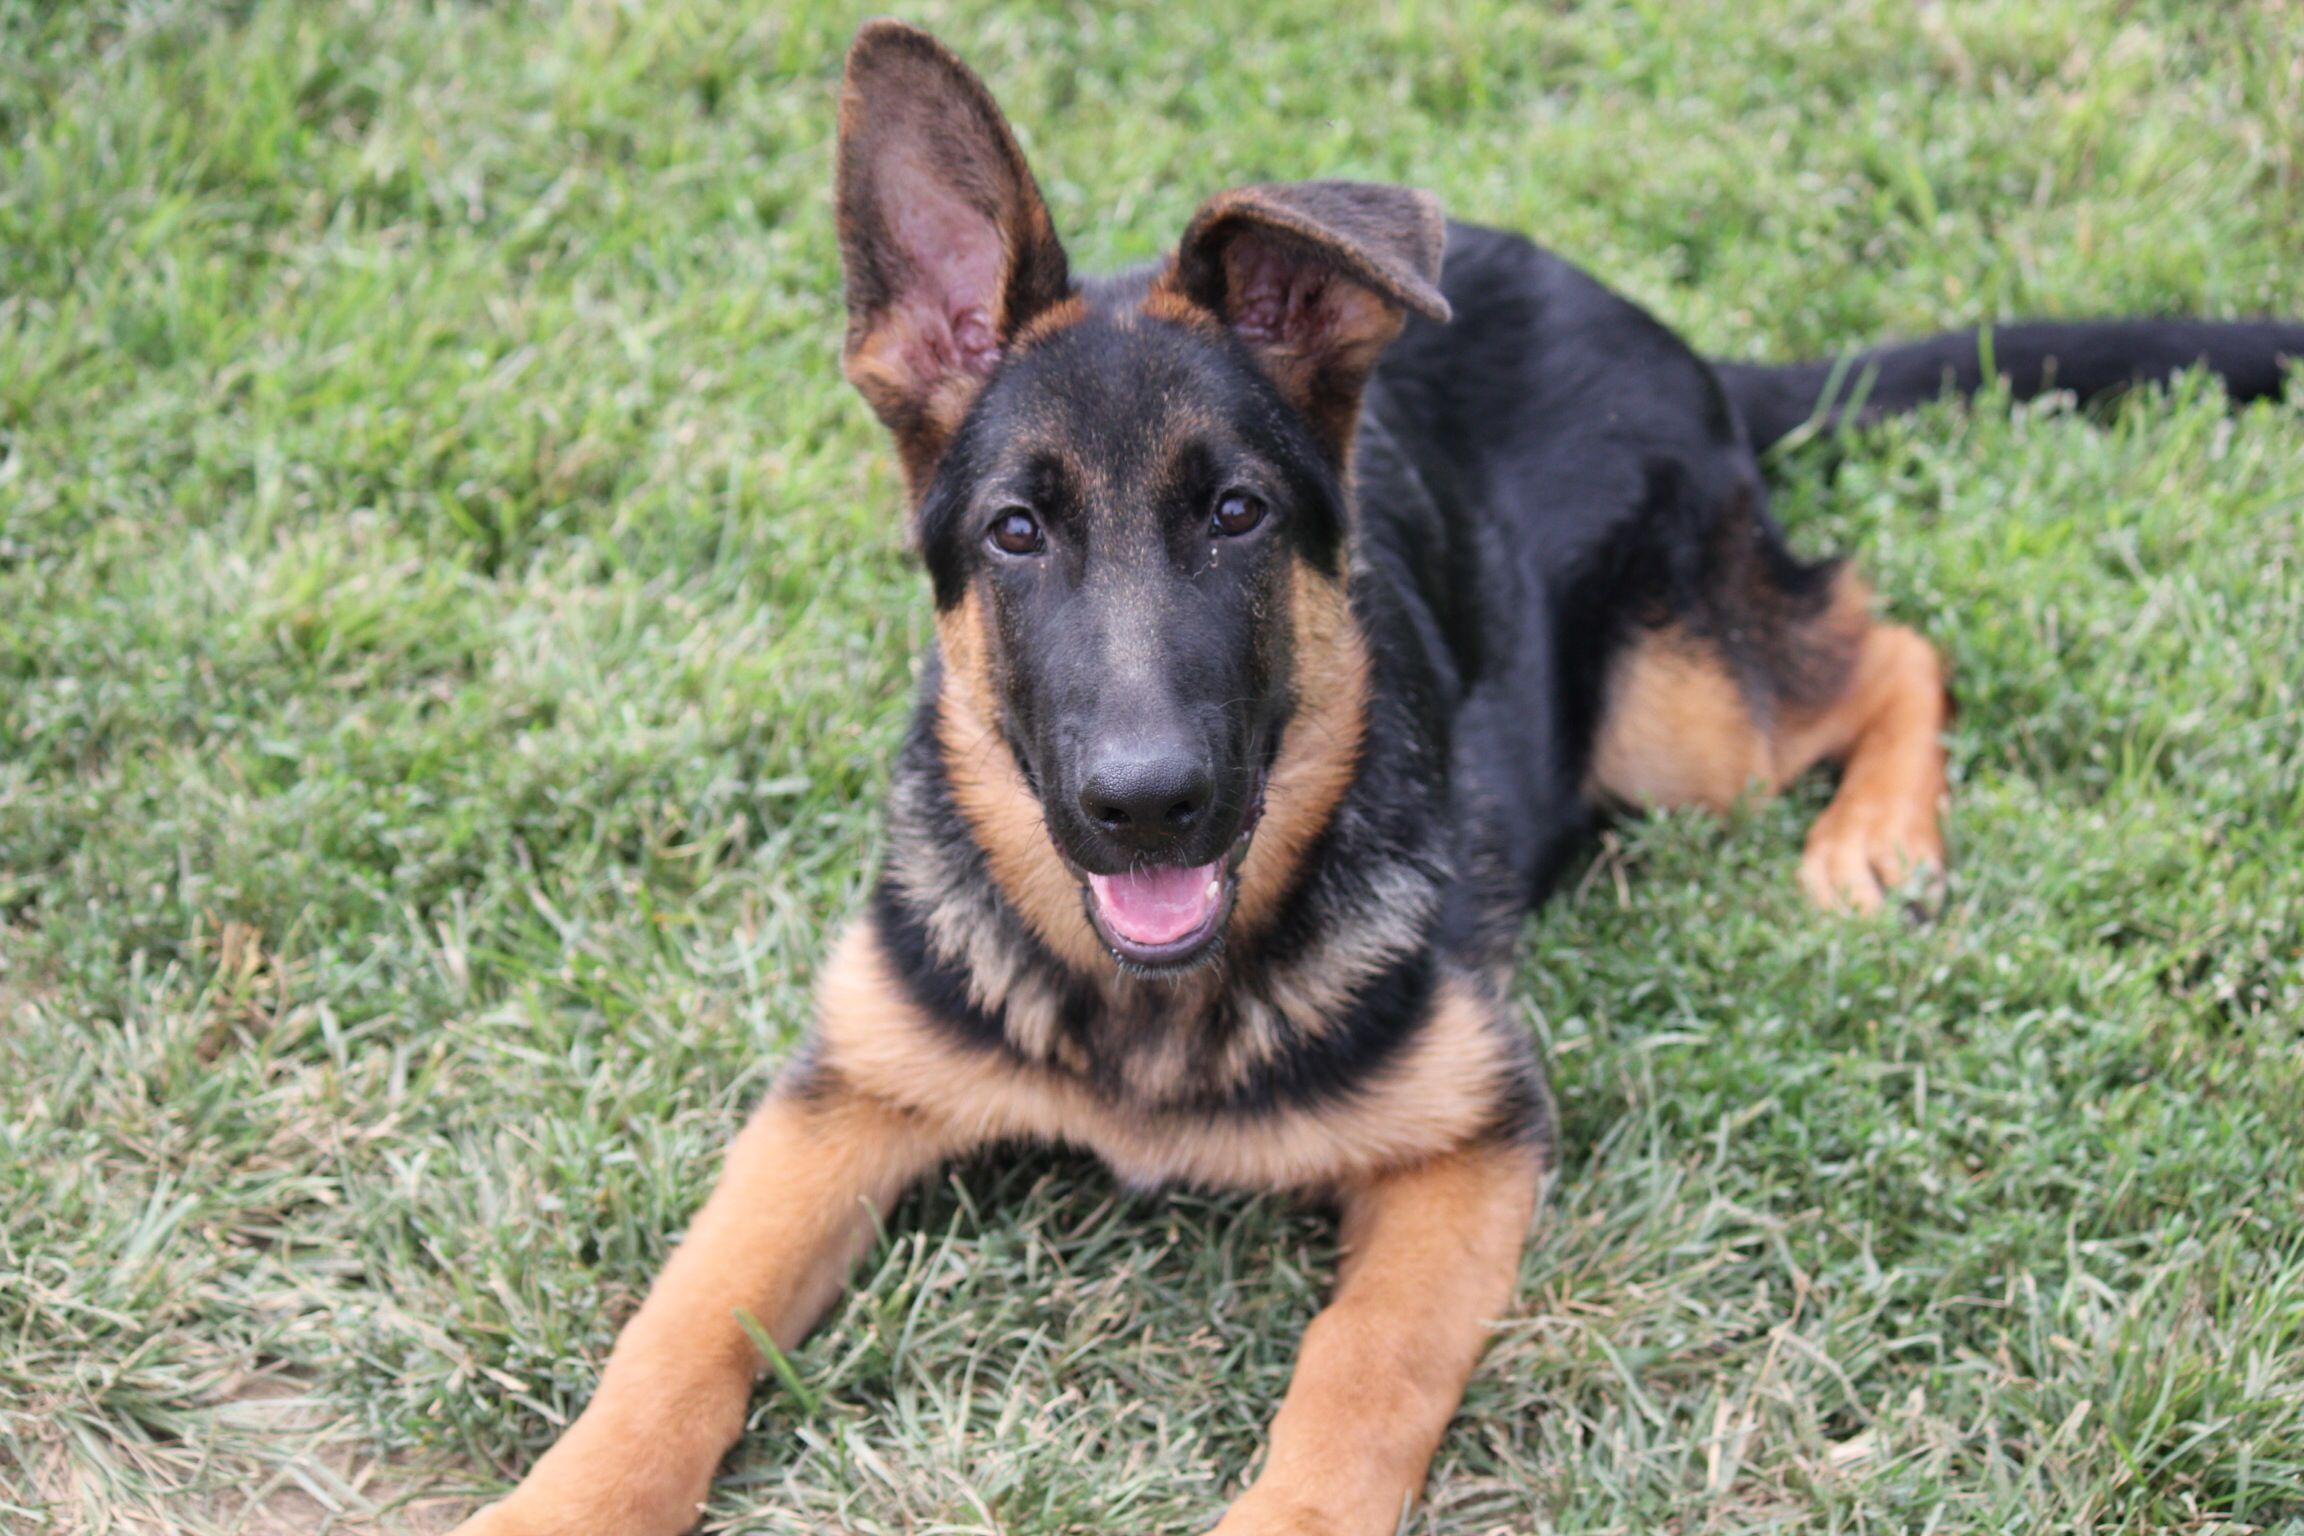 Bruno, 4 months